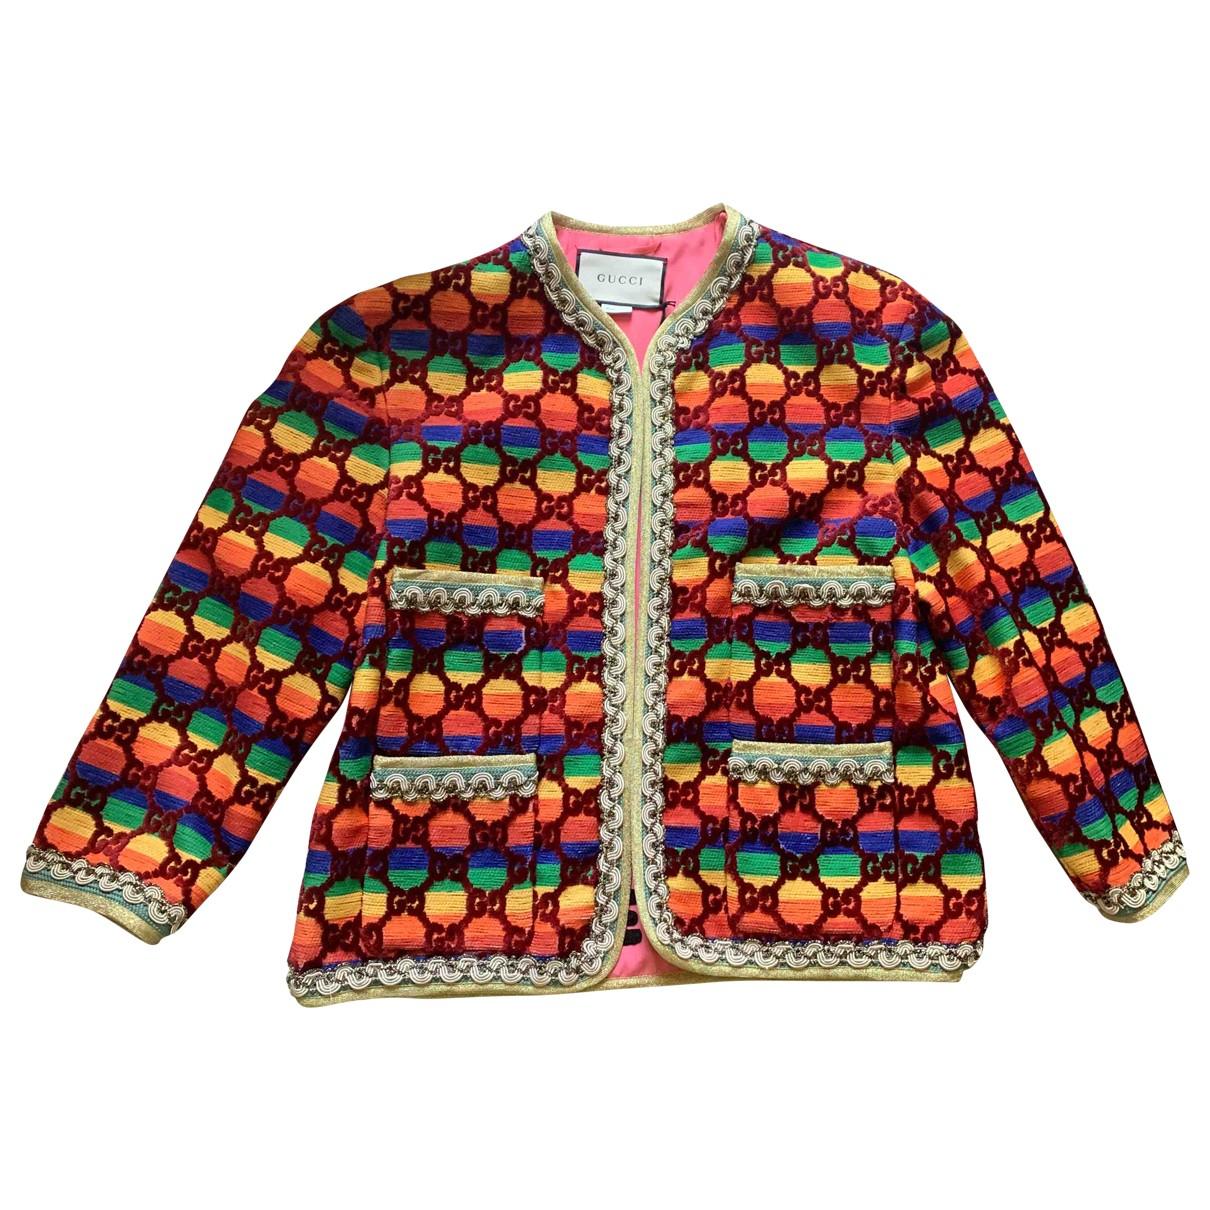 Gucci - Veste   pour femme - multicolore